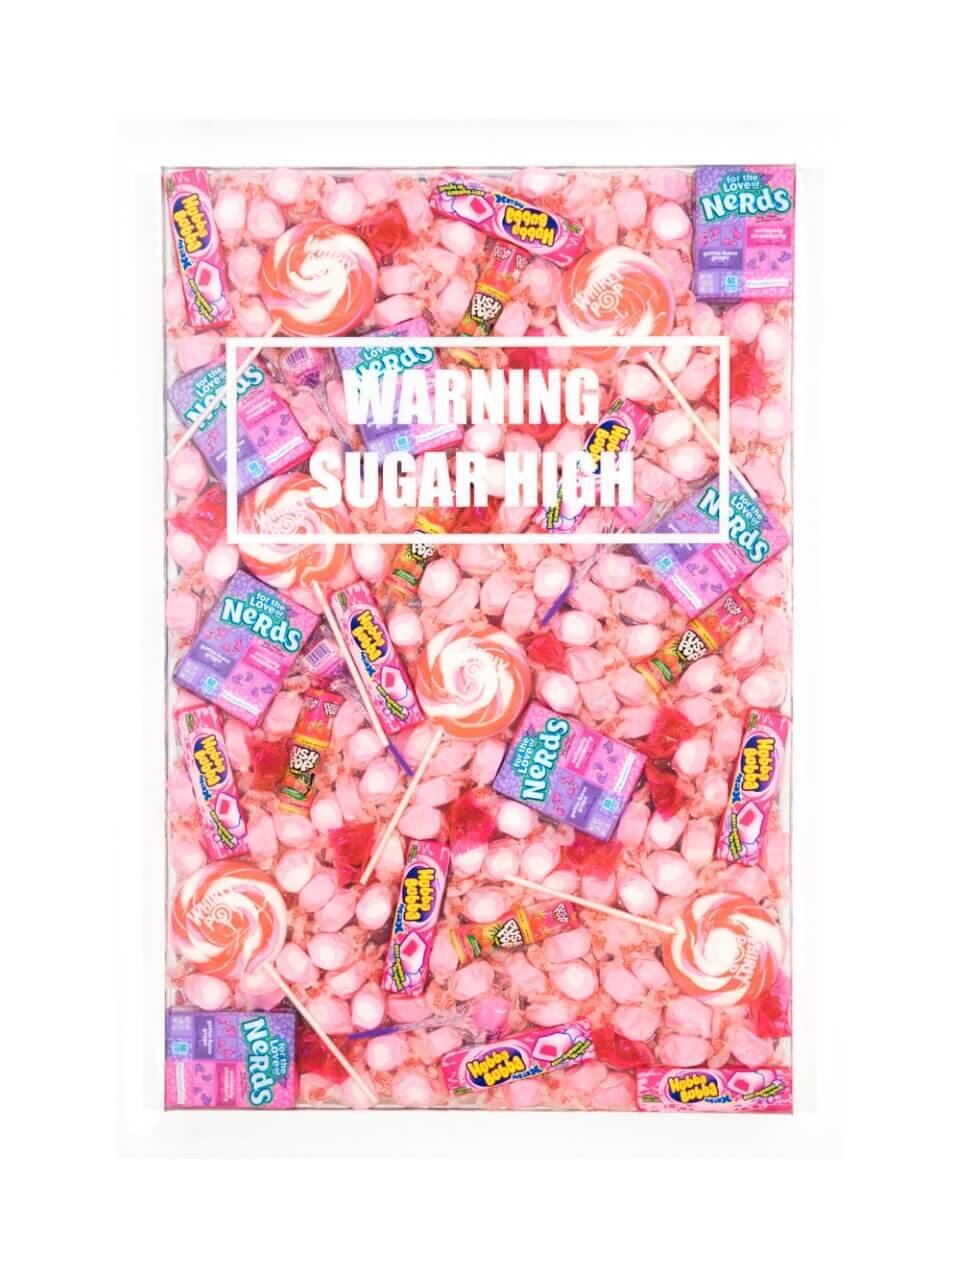 byrobynblair - Candy, Warning Sugar High (1).jpg